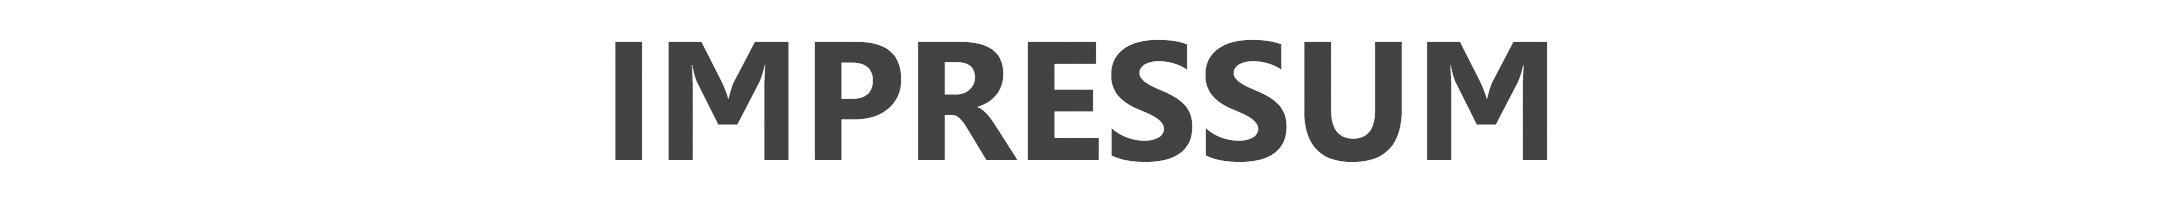 Branding Division - Impressum